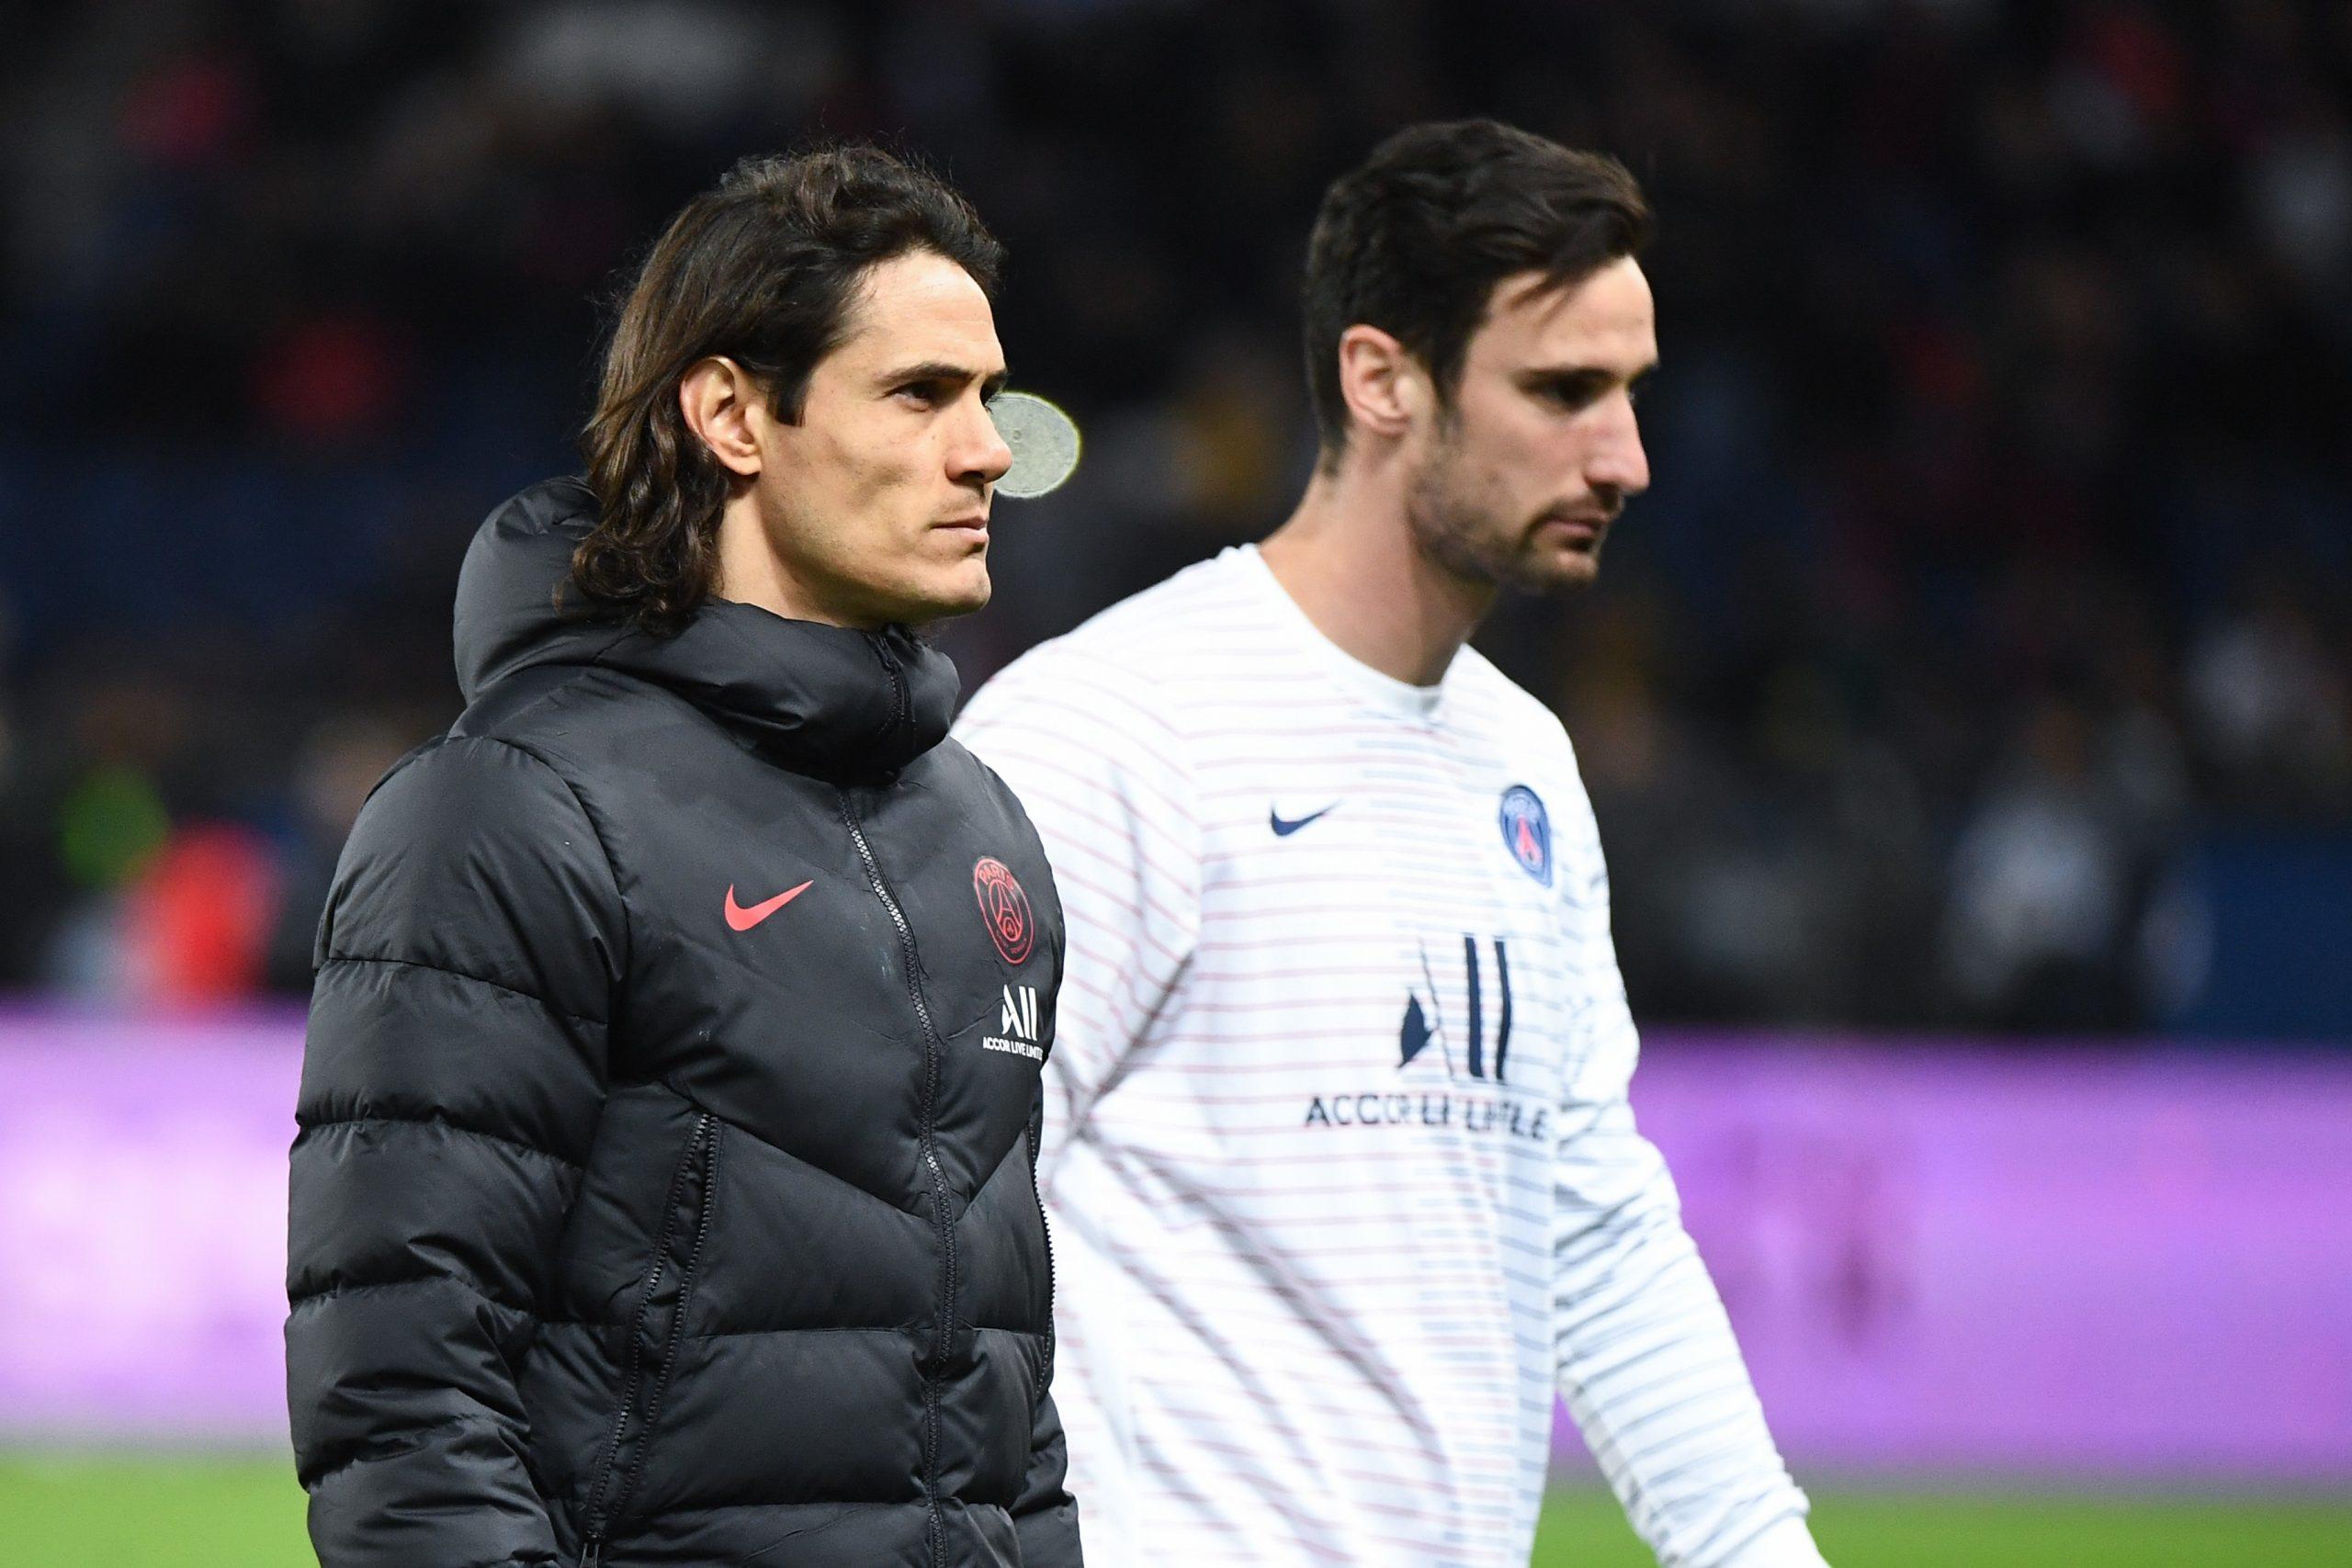 Mercato - Cavani ne viendra pas à l'Atlético de Madrid en juin non plus, ses agents ont fait capoter le transfert en janvier selon AS